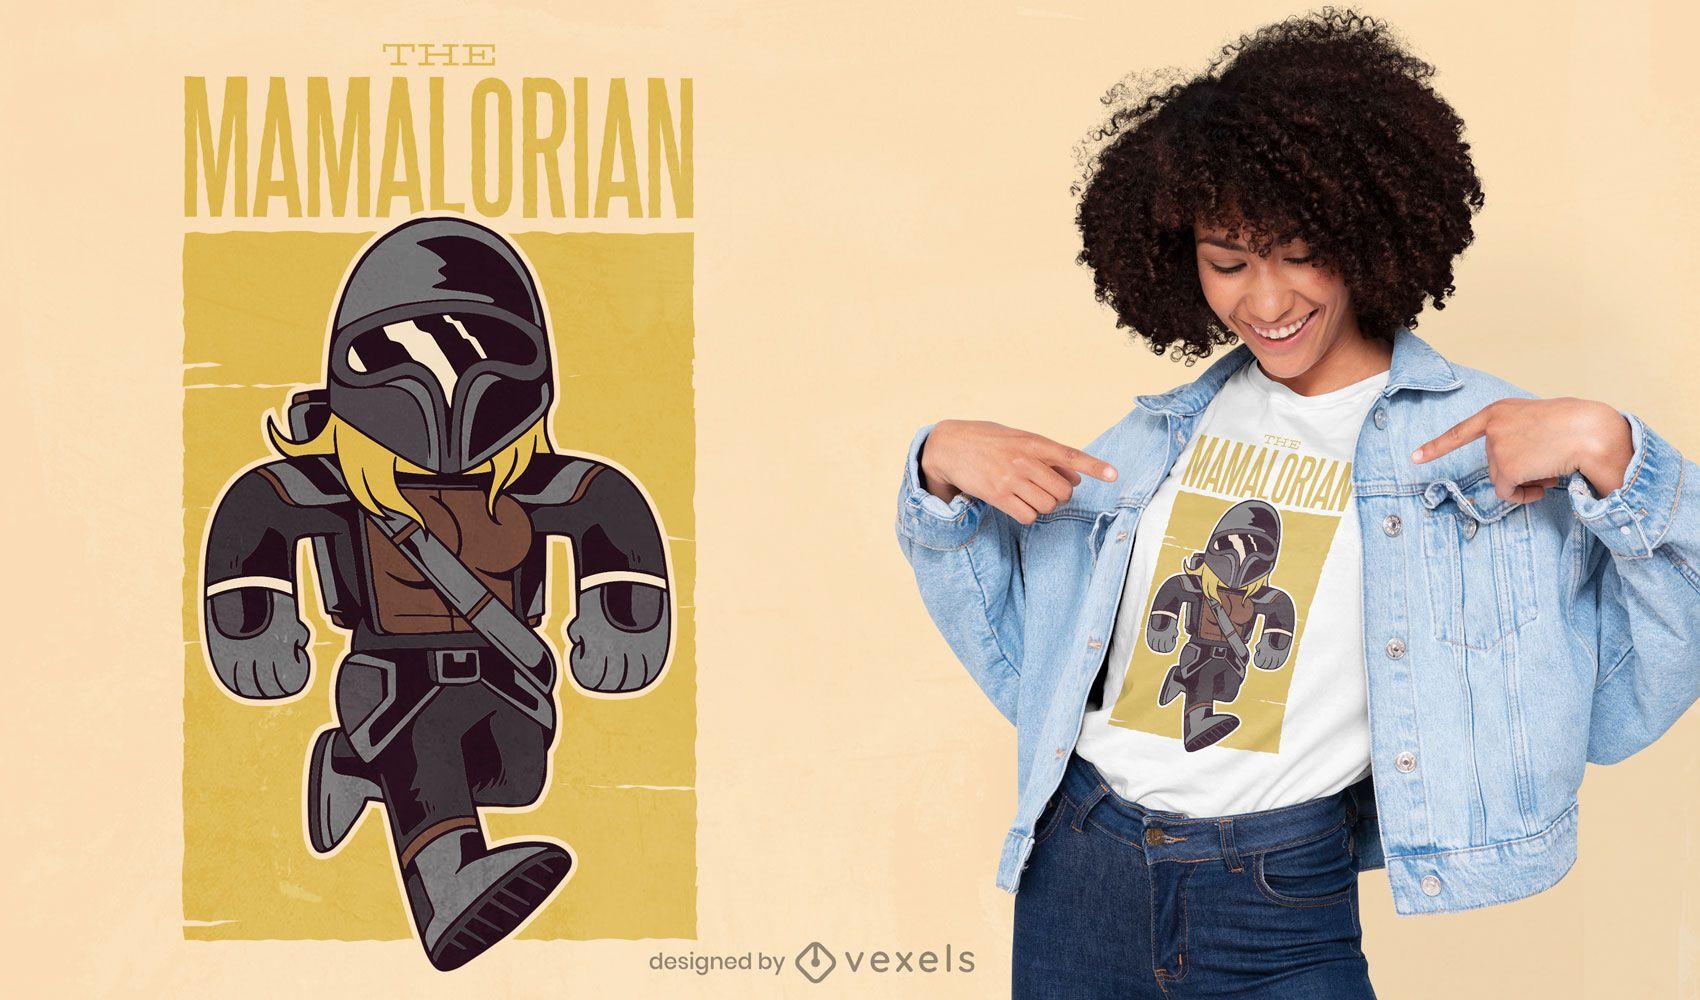 The mamalorian t-shirt design